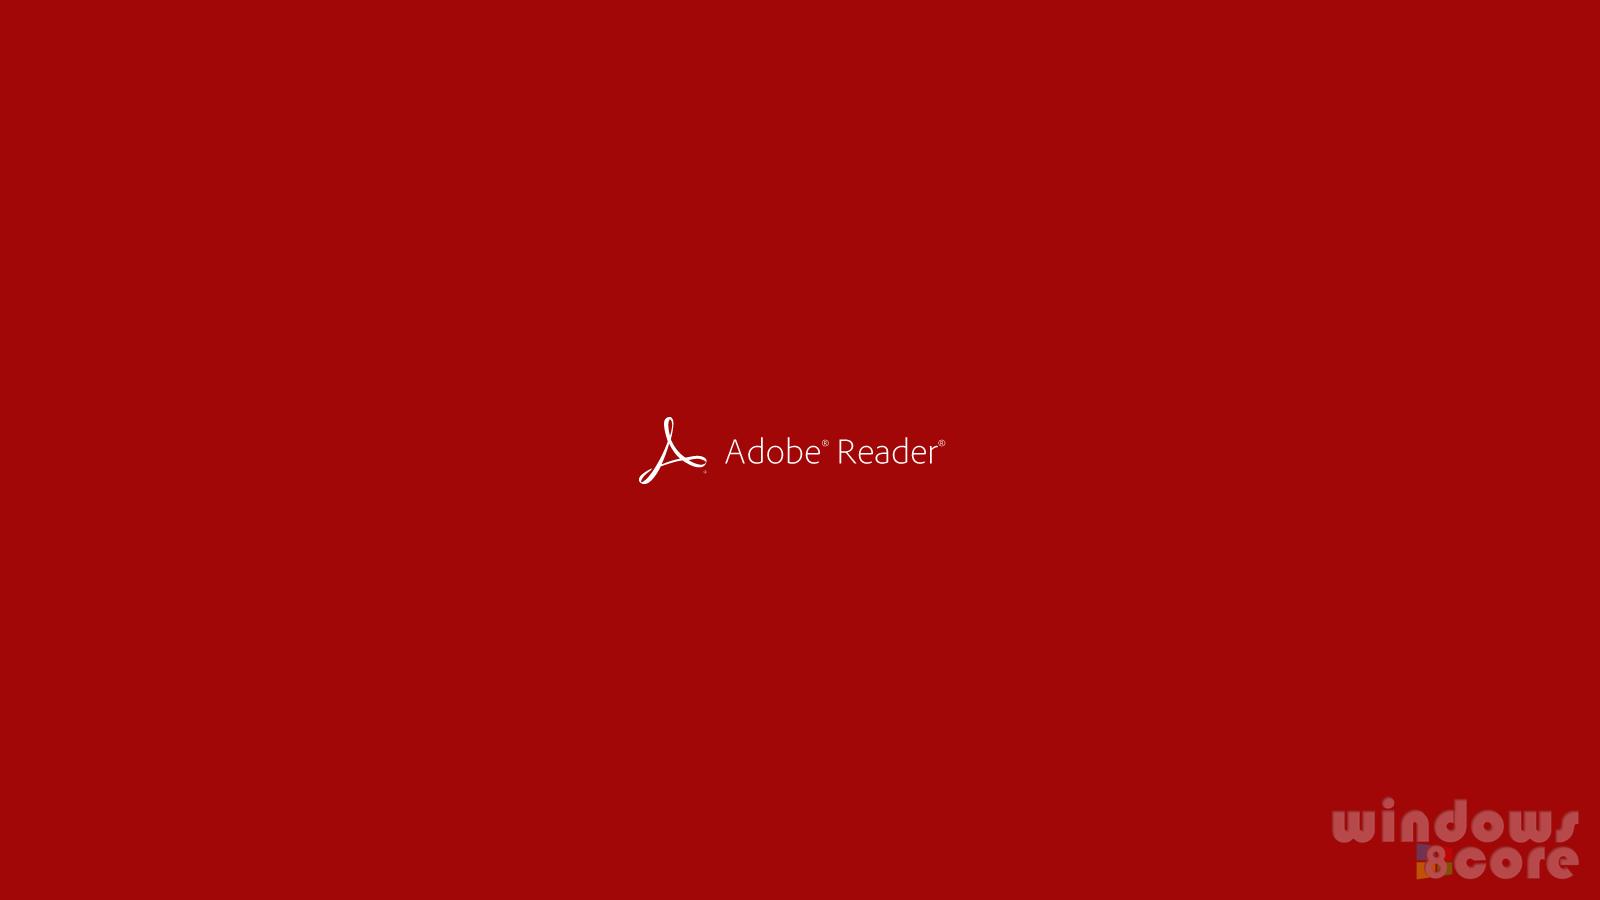 How to make Adobe Reader app the default PDF Reader of